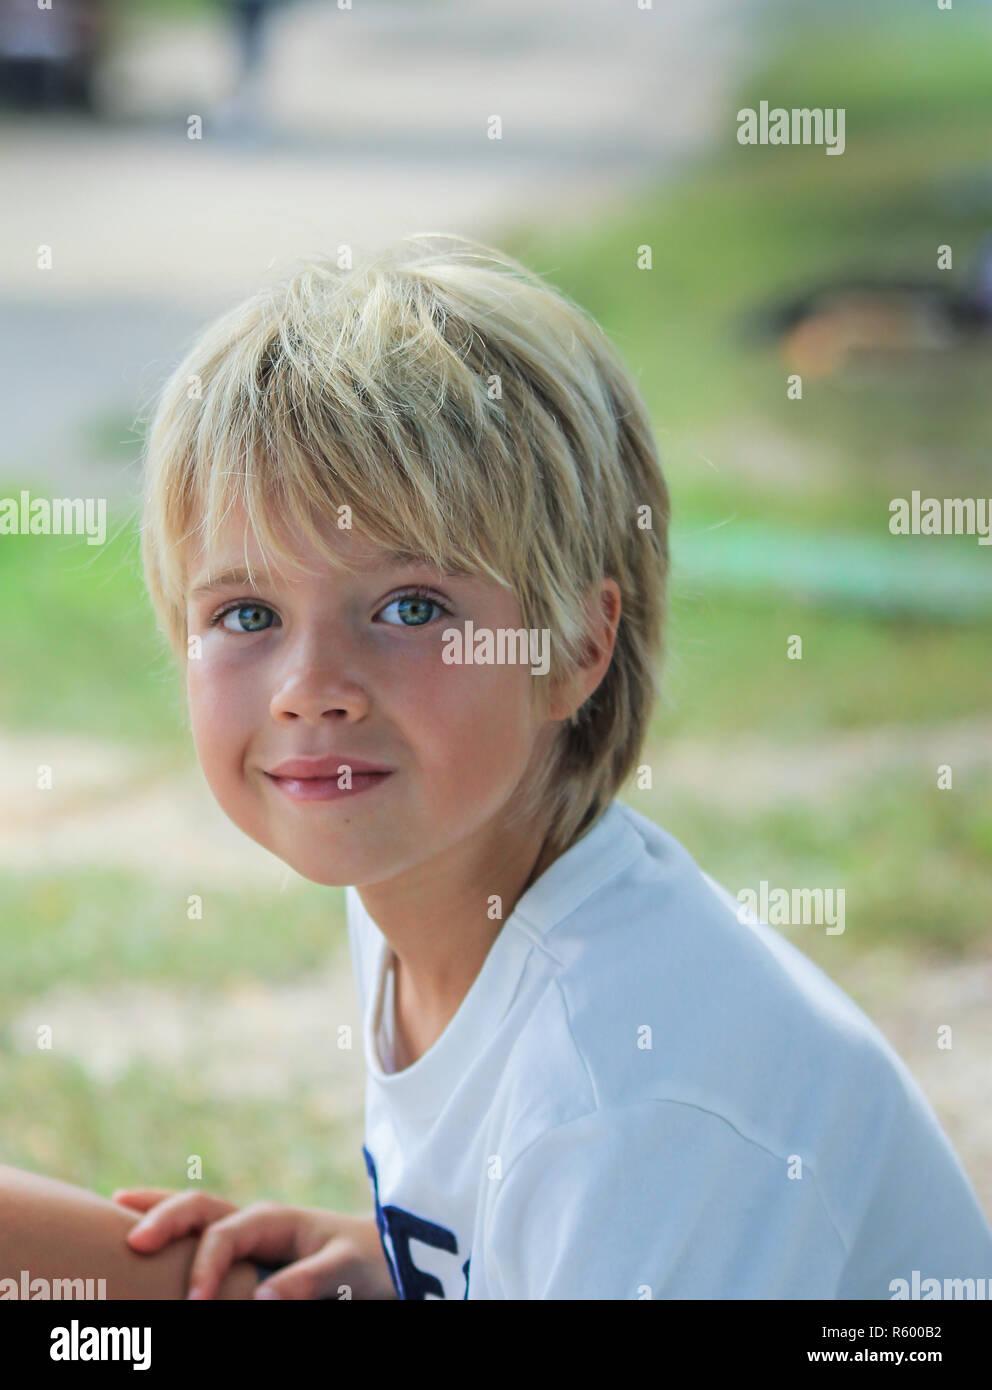 Porträt eines Jungen mit verschwommenen Hintergrund Stockbild